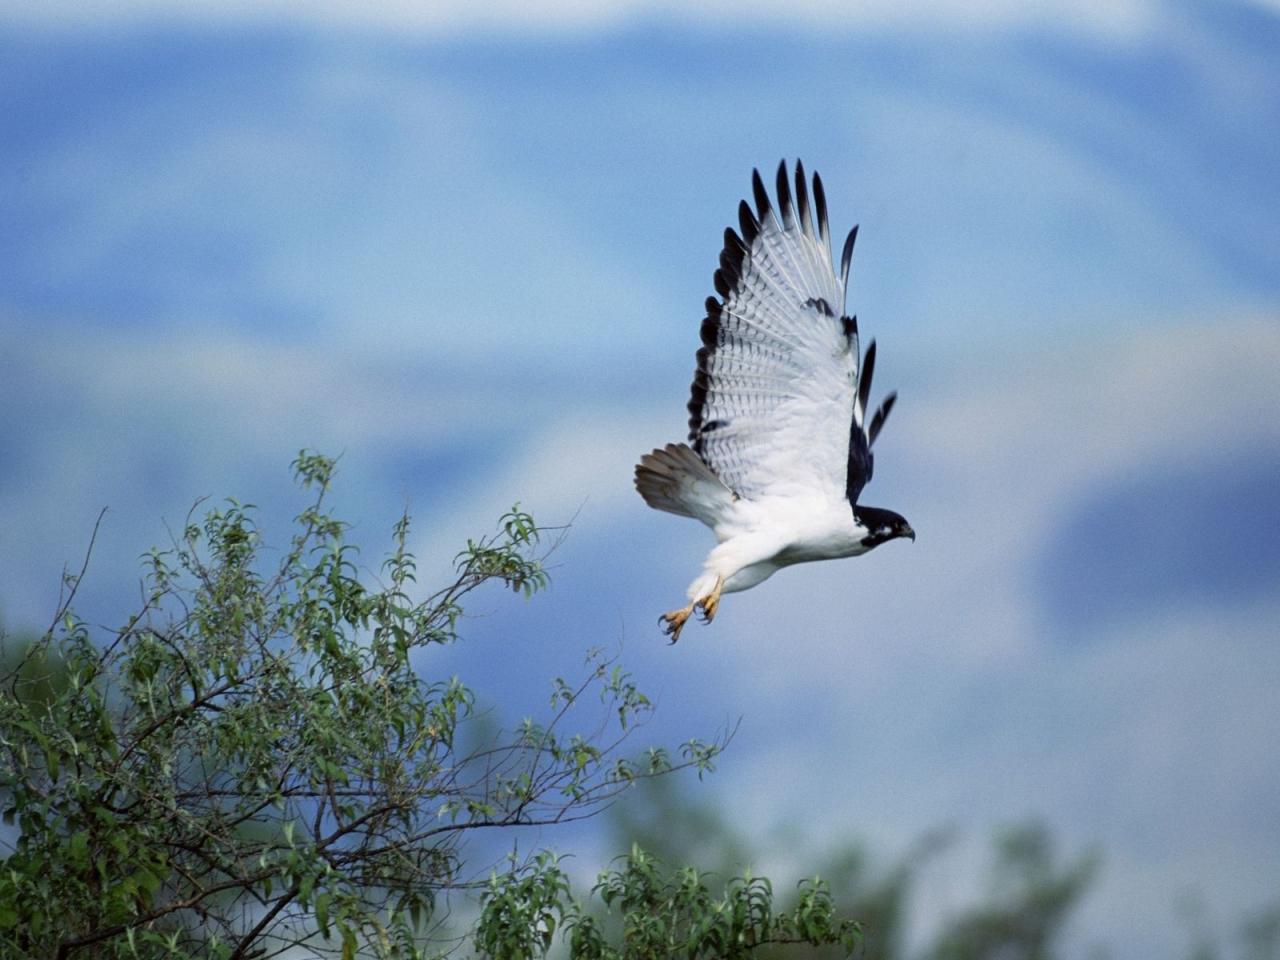 Ave rapiña volando - 1280x960